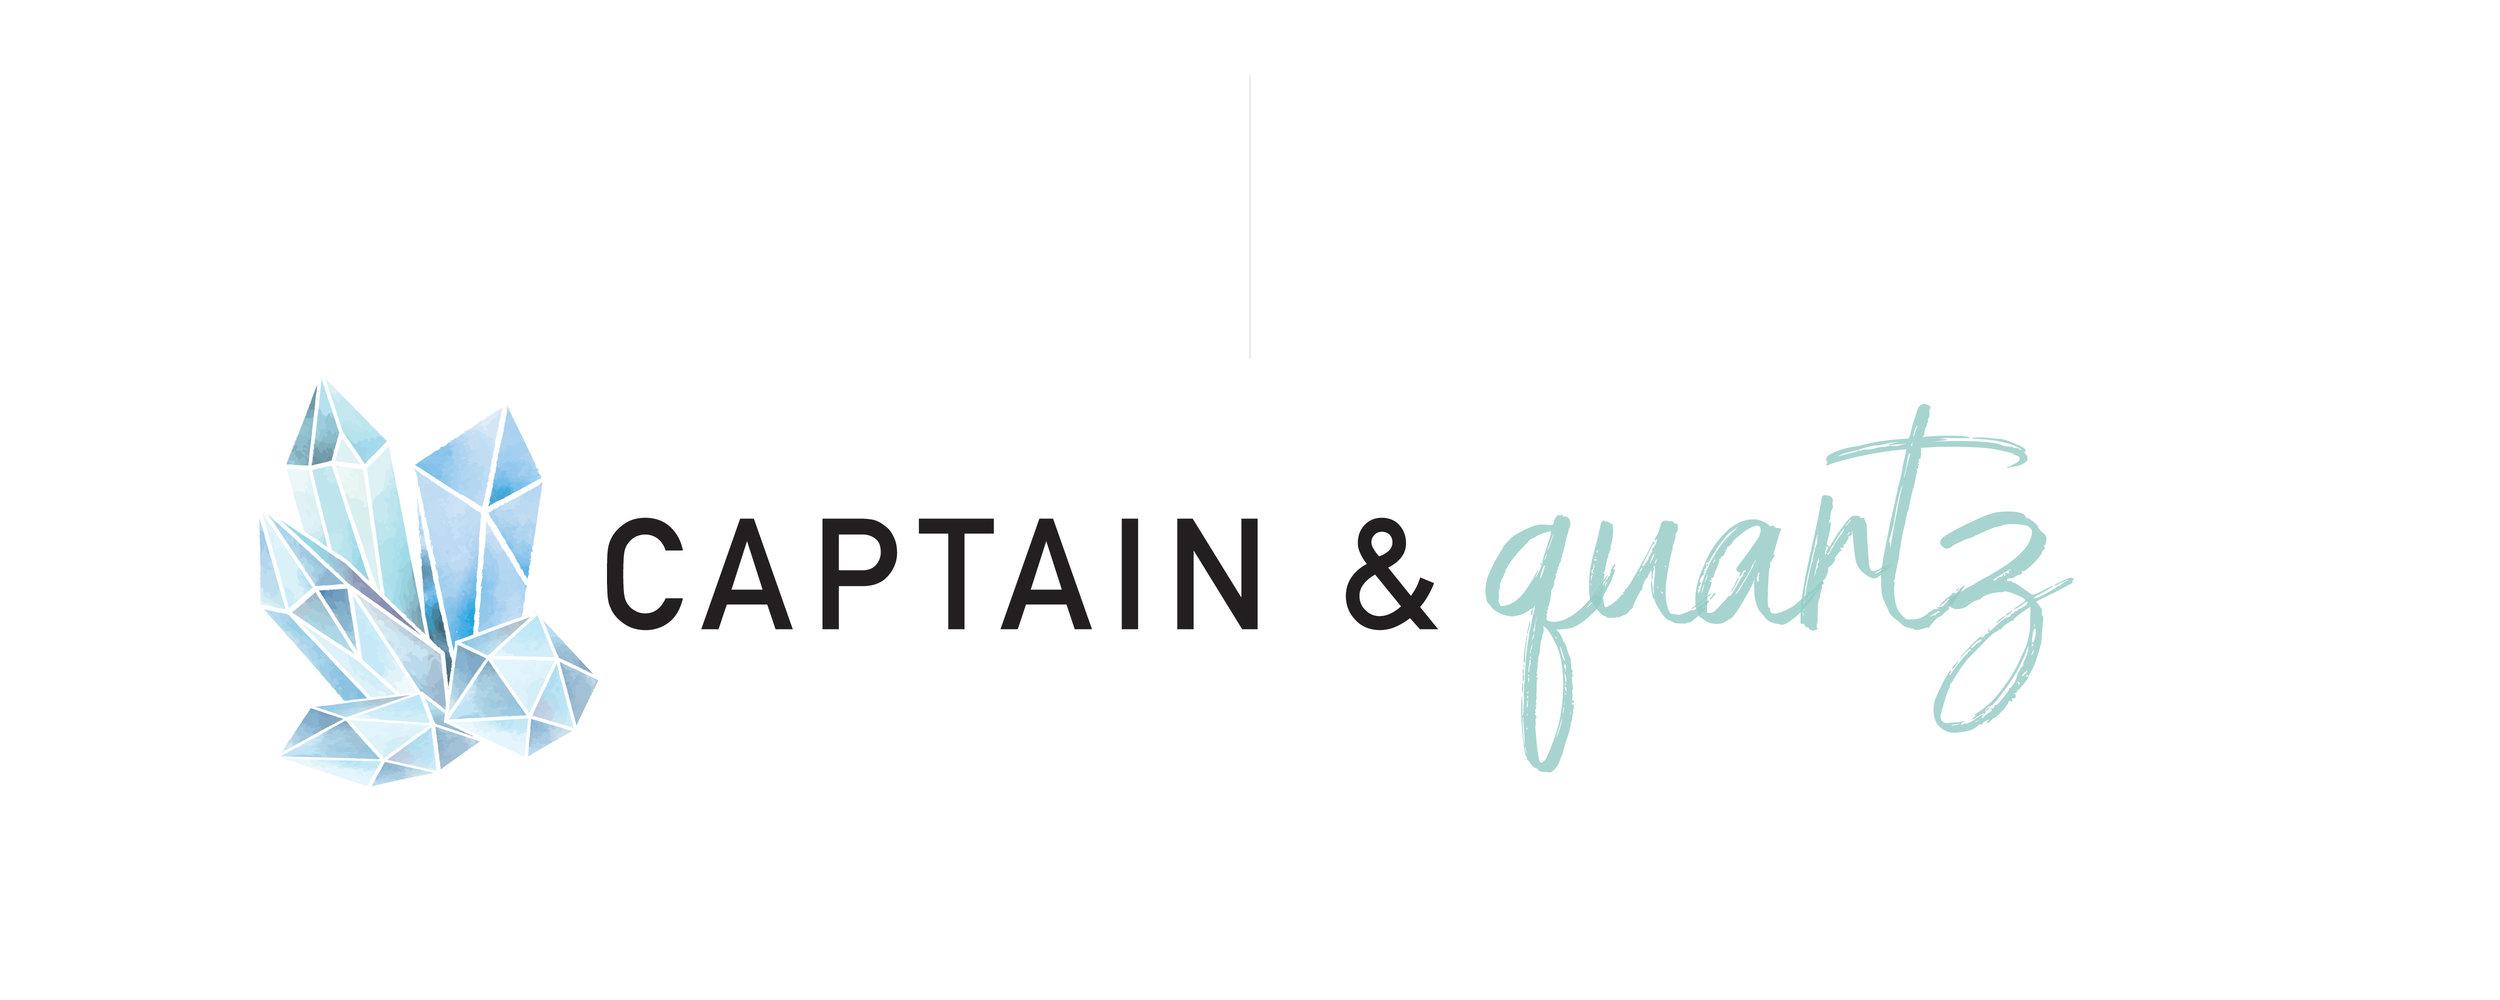 CaptainQuartz_Logo_FINAL_Outlines_MainLogo.jpg